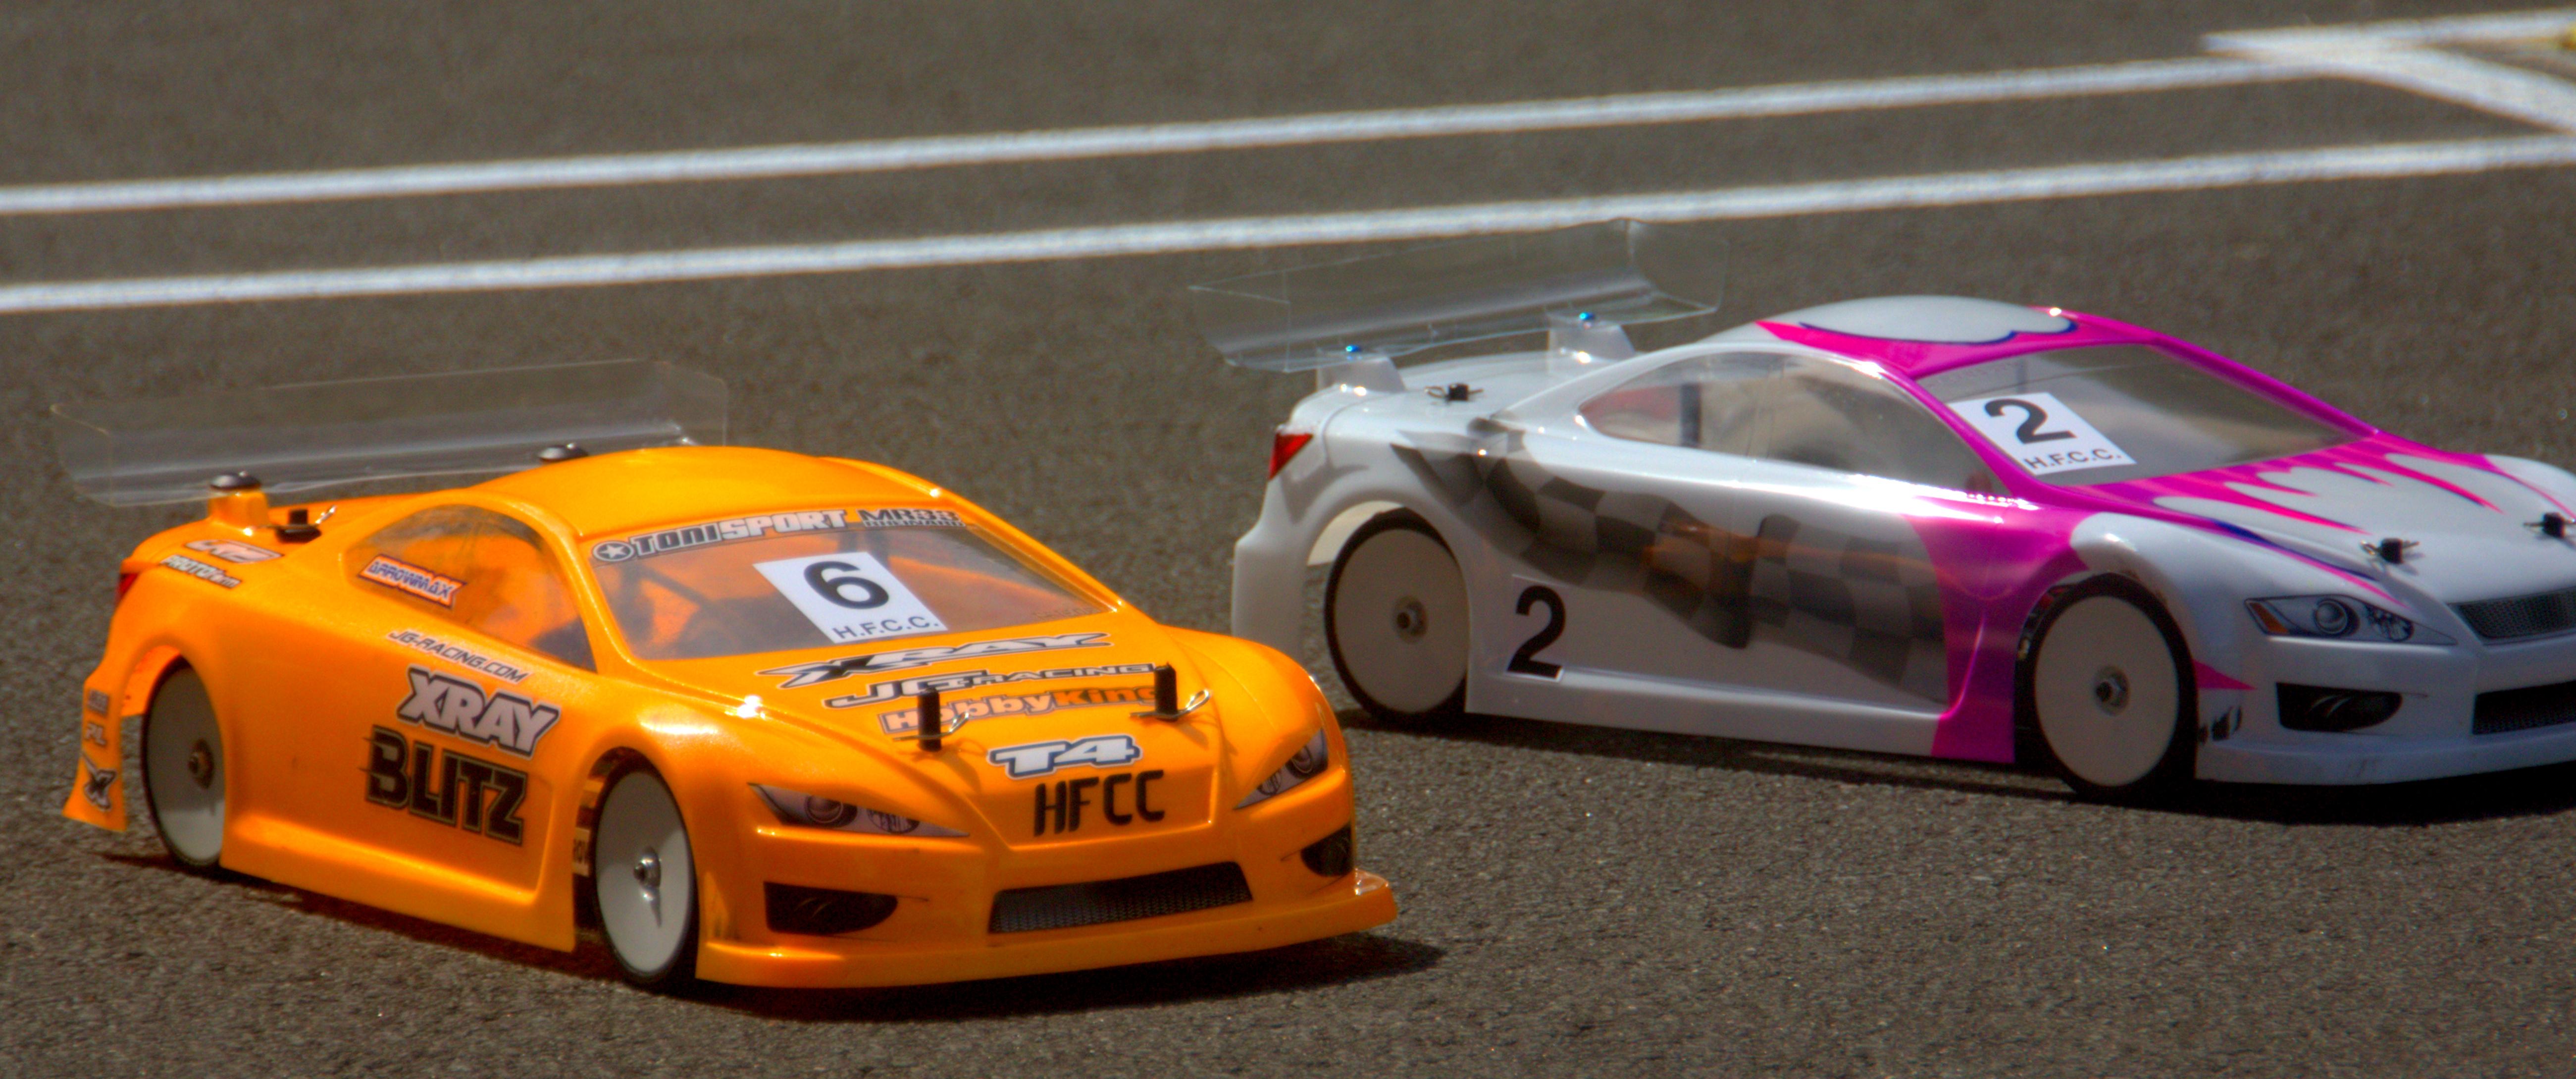 hfcc racing den haag circuit voor rc modelauto racen. Black Bedroom Furniture Sets. Home Design Ideas